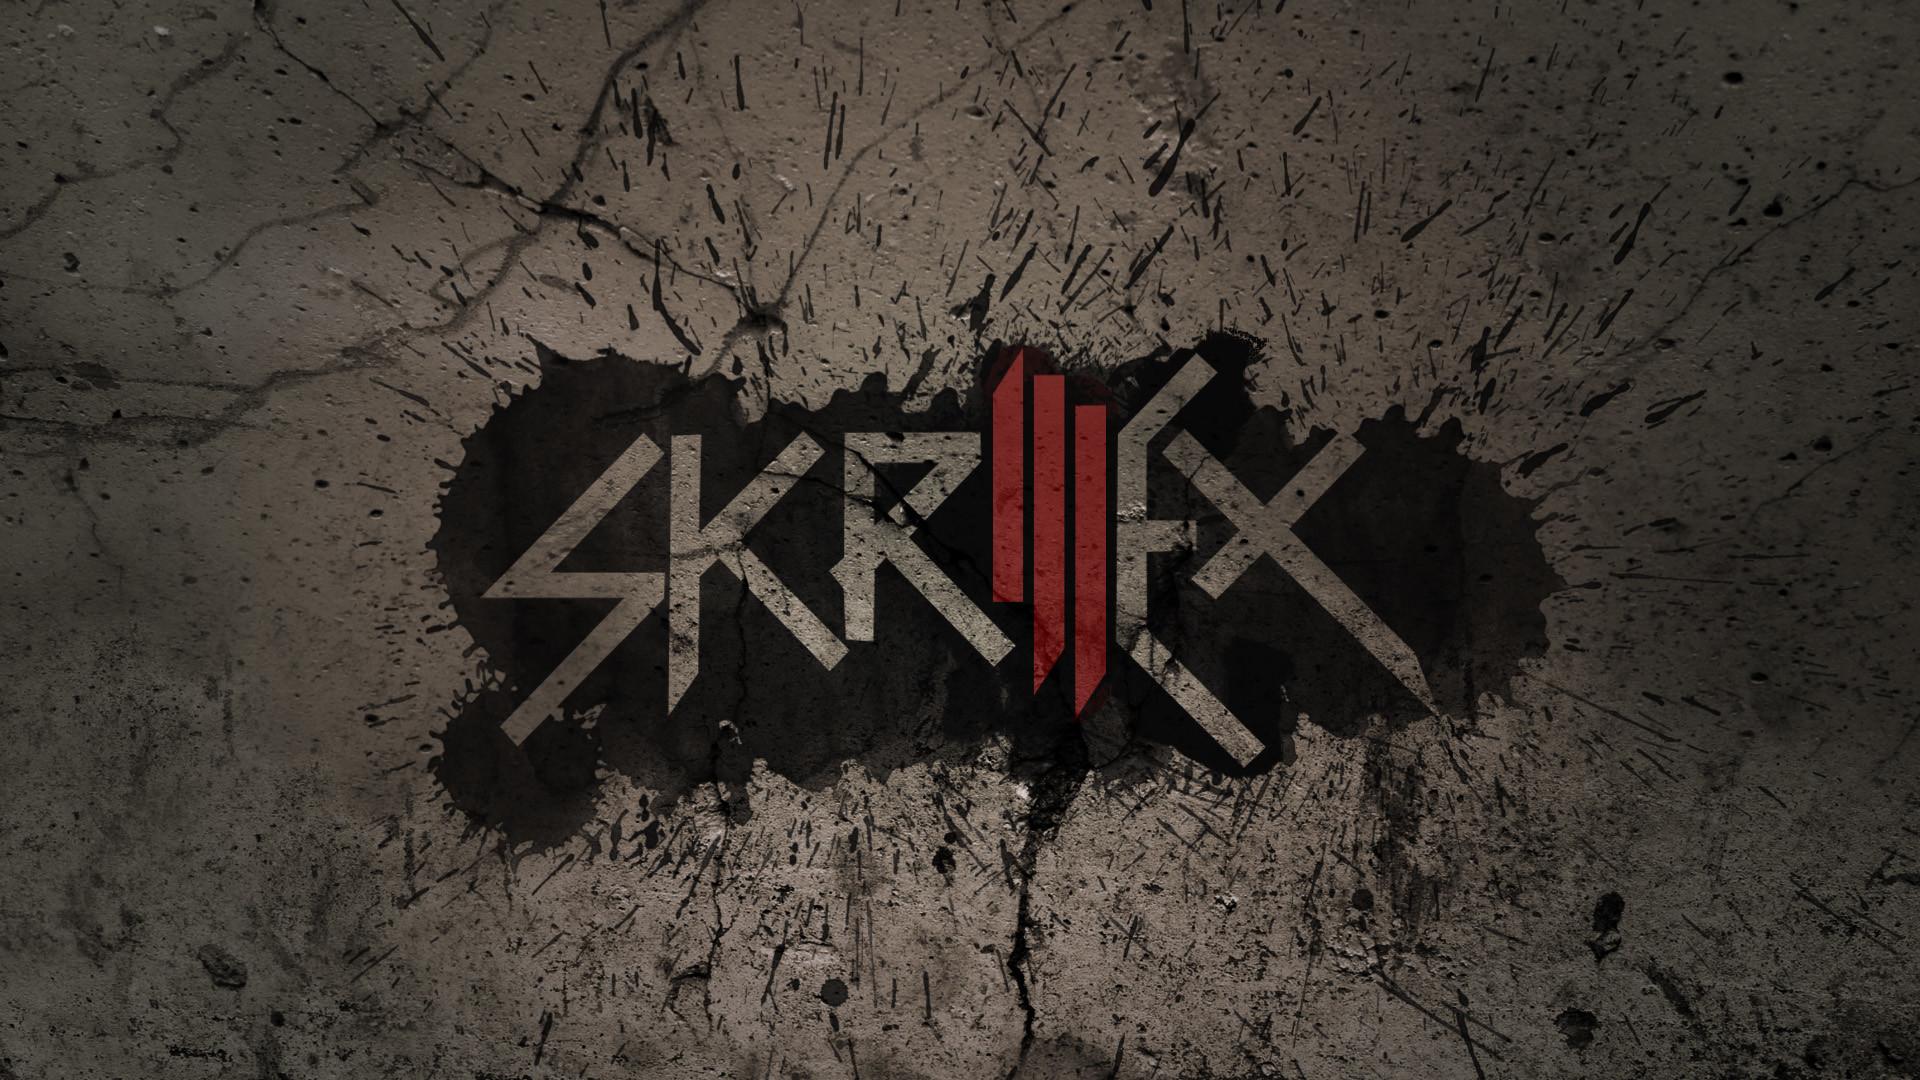 Res: 1920x1080, ... Skrillex grunge wallpaper by Christoffer-jensen